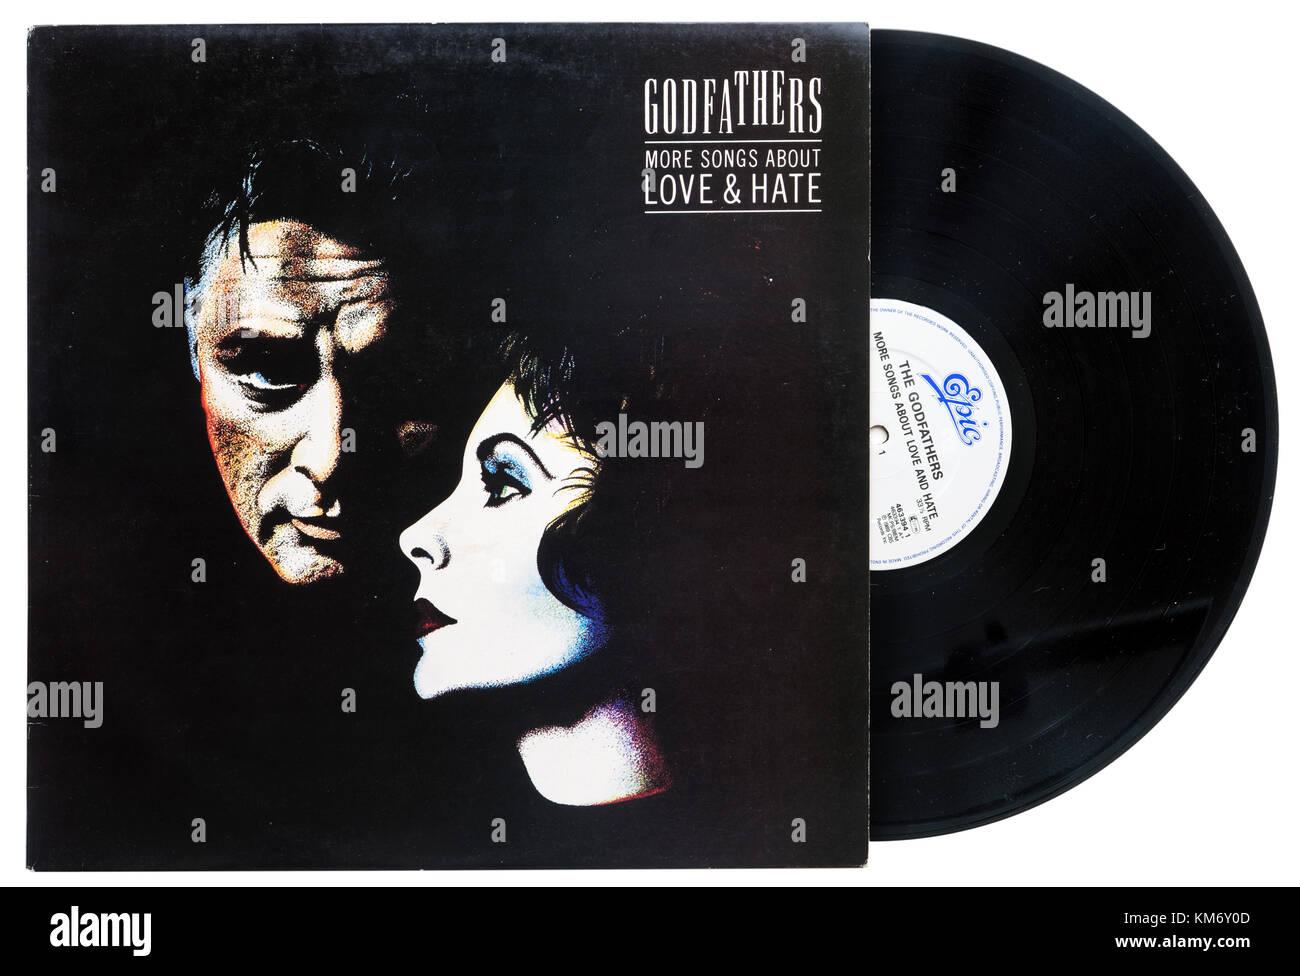 Parrains d'autres chansons sur un album d'amour et de haine Photo Stock